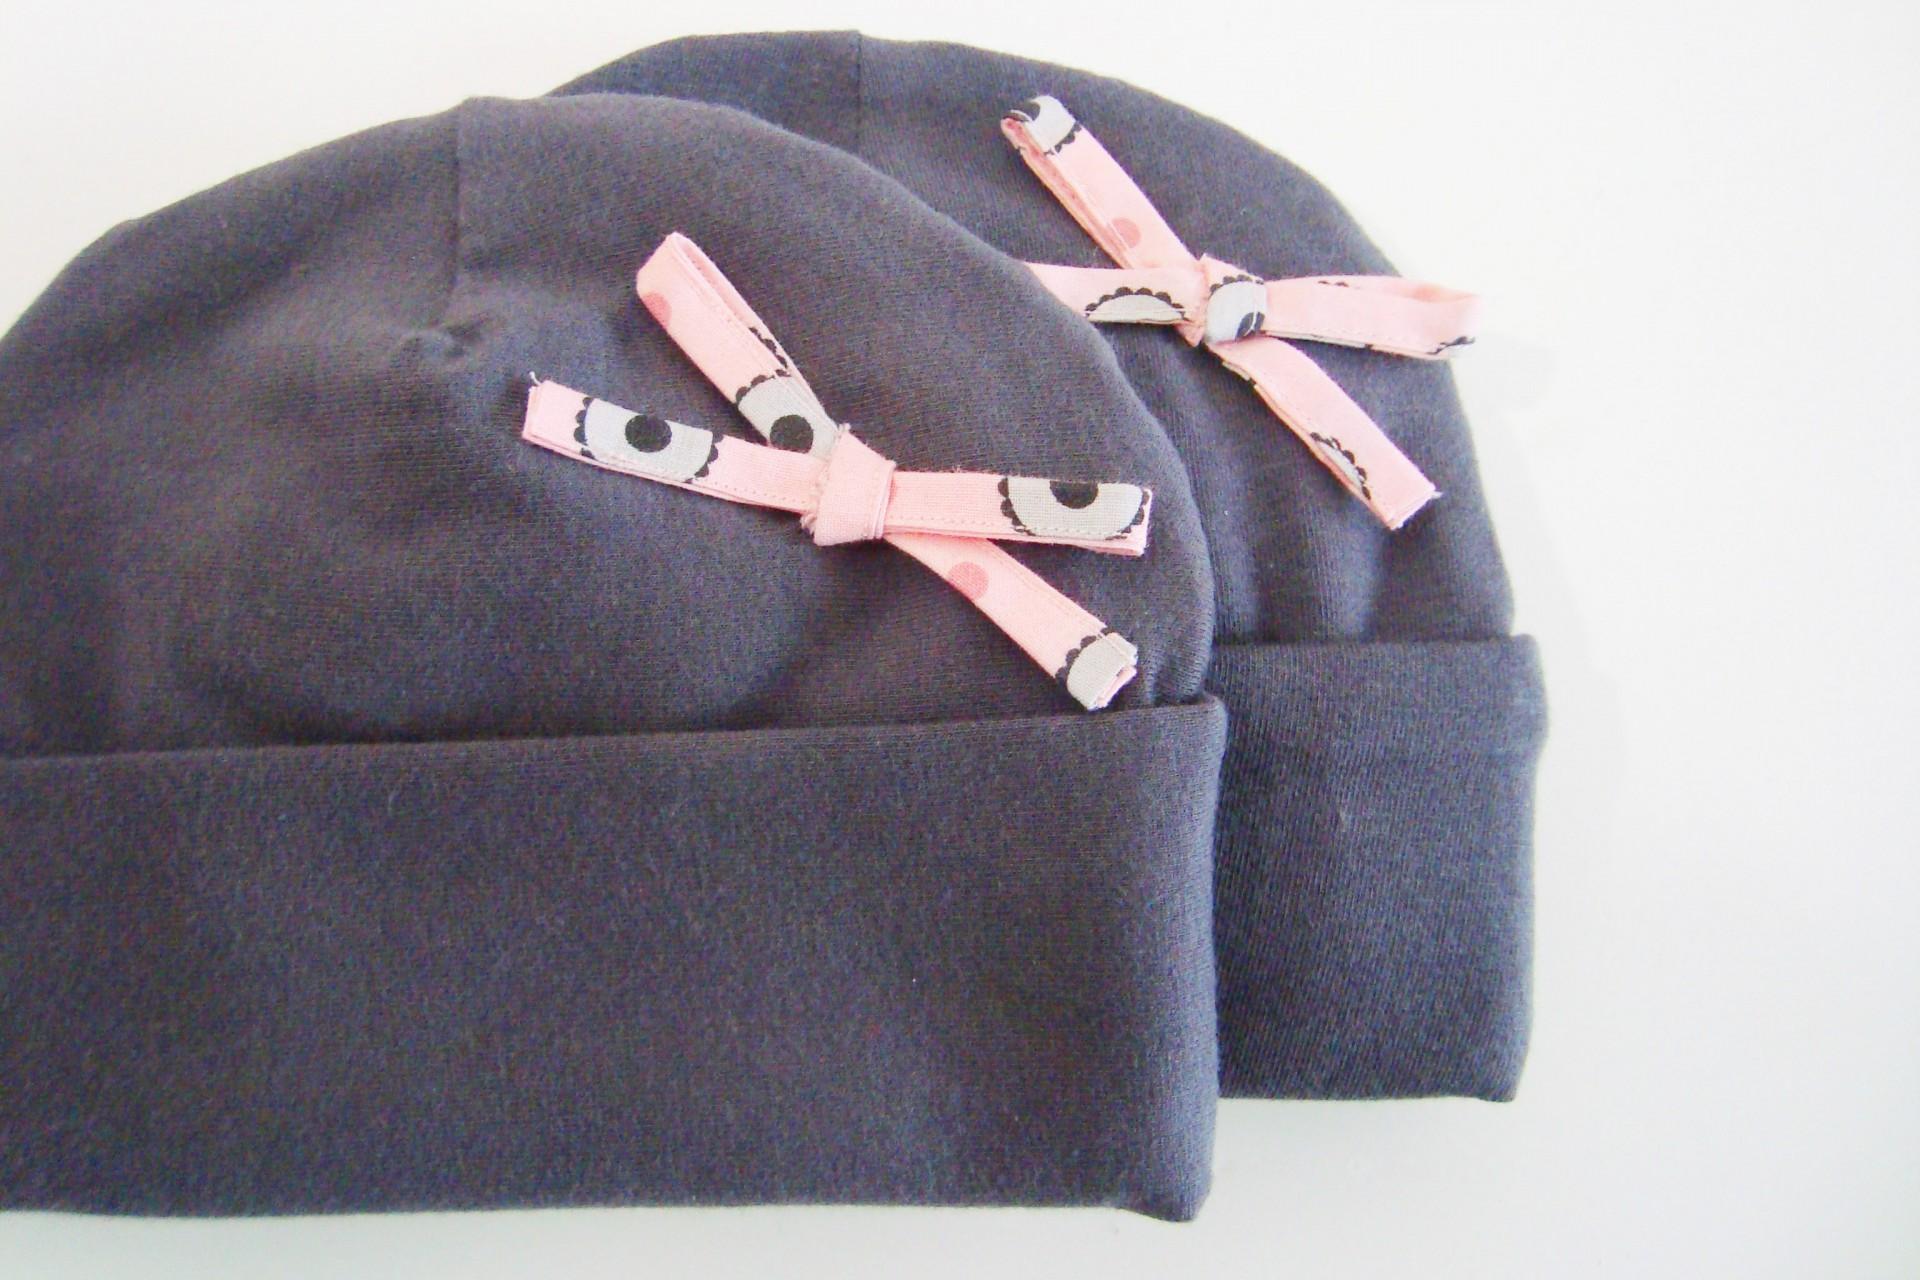 Zachtgrijs babymutsje met roze strikje